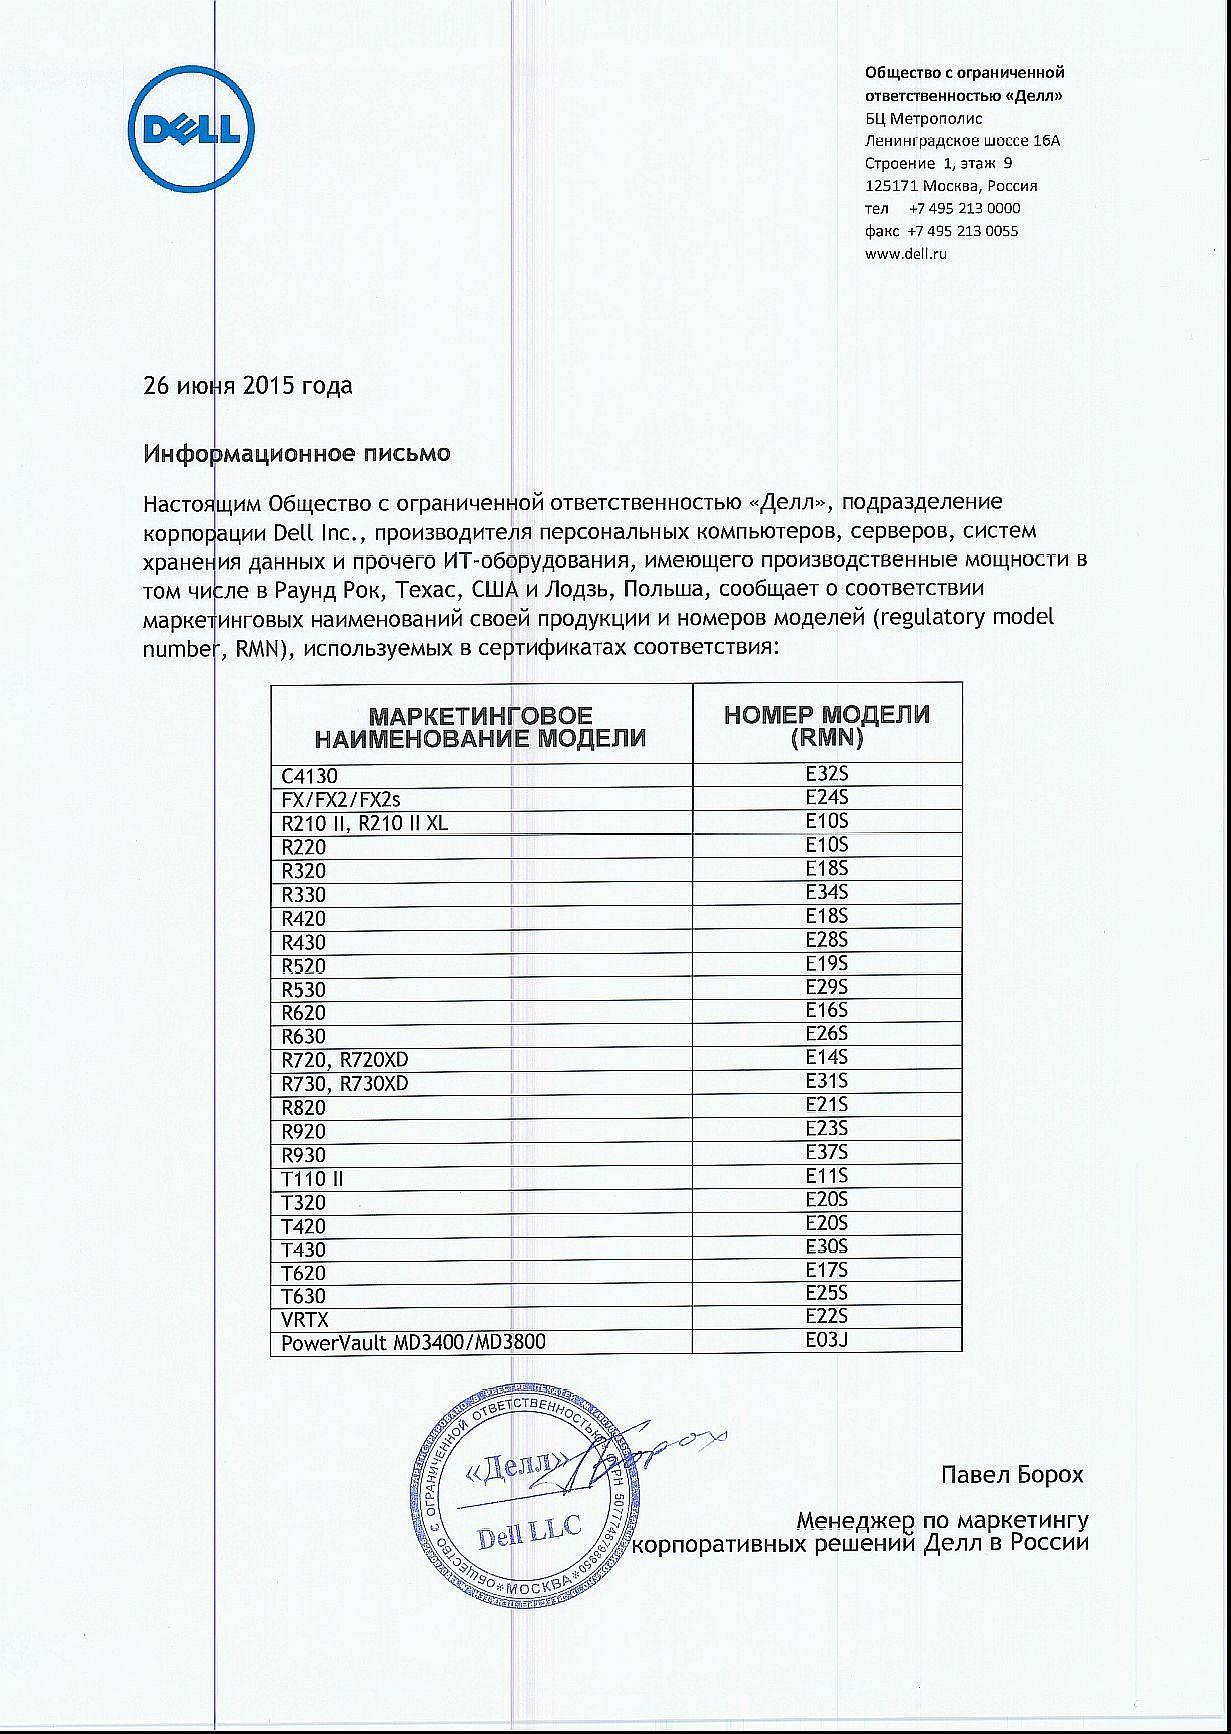 Информационное письмо соответствие кодов с марками серверов Сертификат соответствия Dell PowerEdge e01s e14s e16s e18s e19s , Dell Powervault e03j, e04j РСТ ГОСТ Р сервер схд